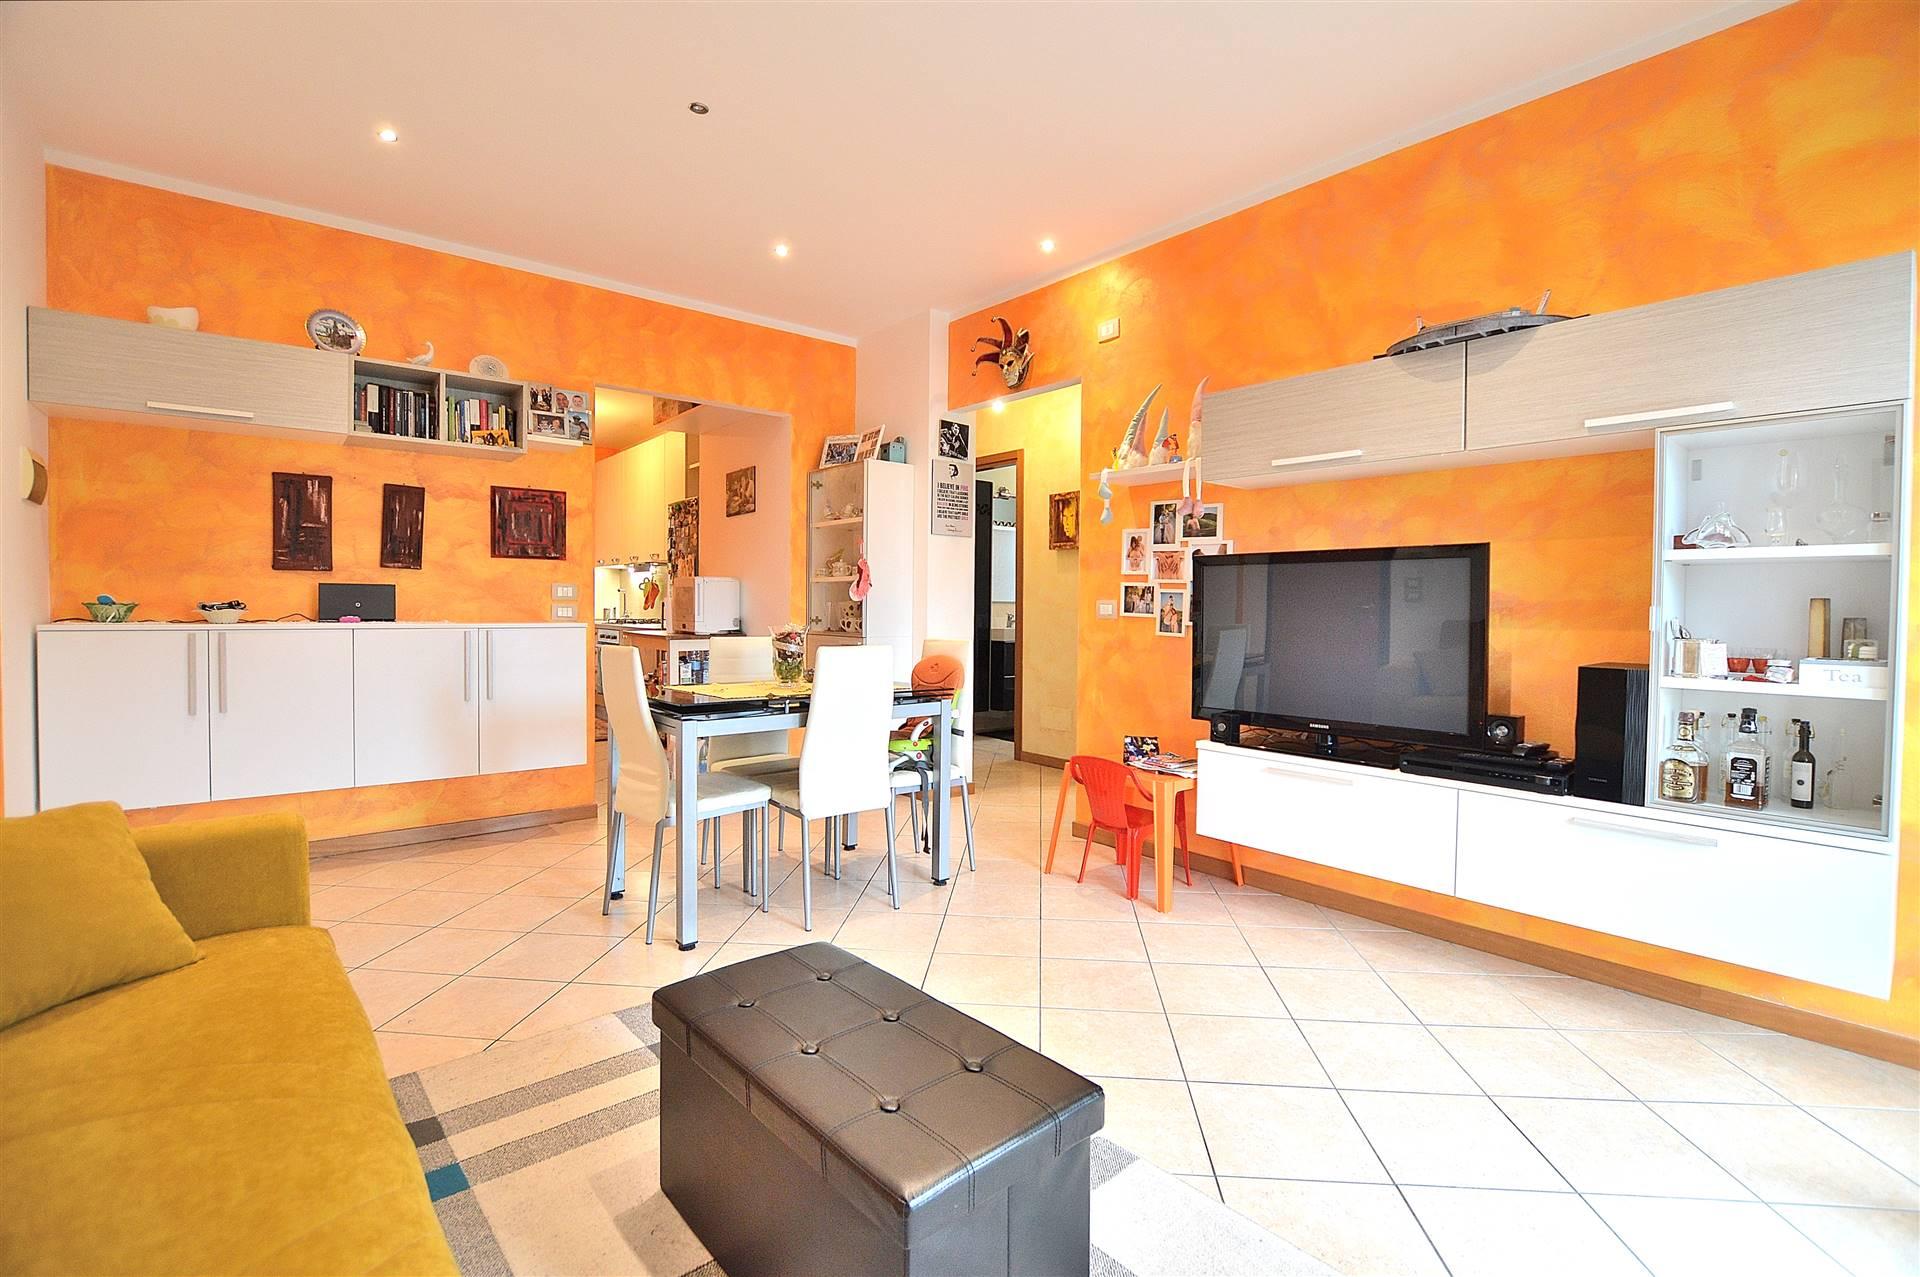 Isola d'Arbia, in piacevole contesto residenziale, proponiamo appartamento posto al piano primo di una piccola palazzina in mattoni faccia vista.